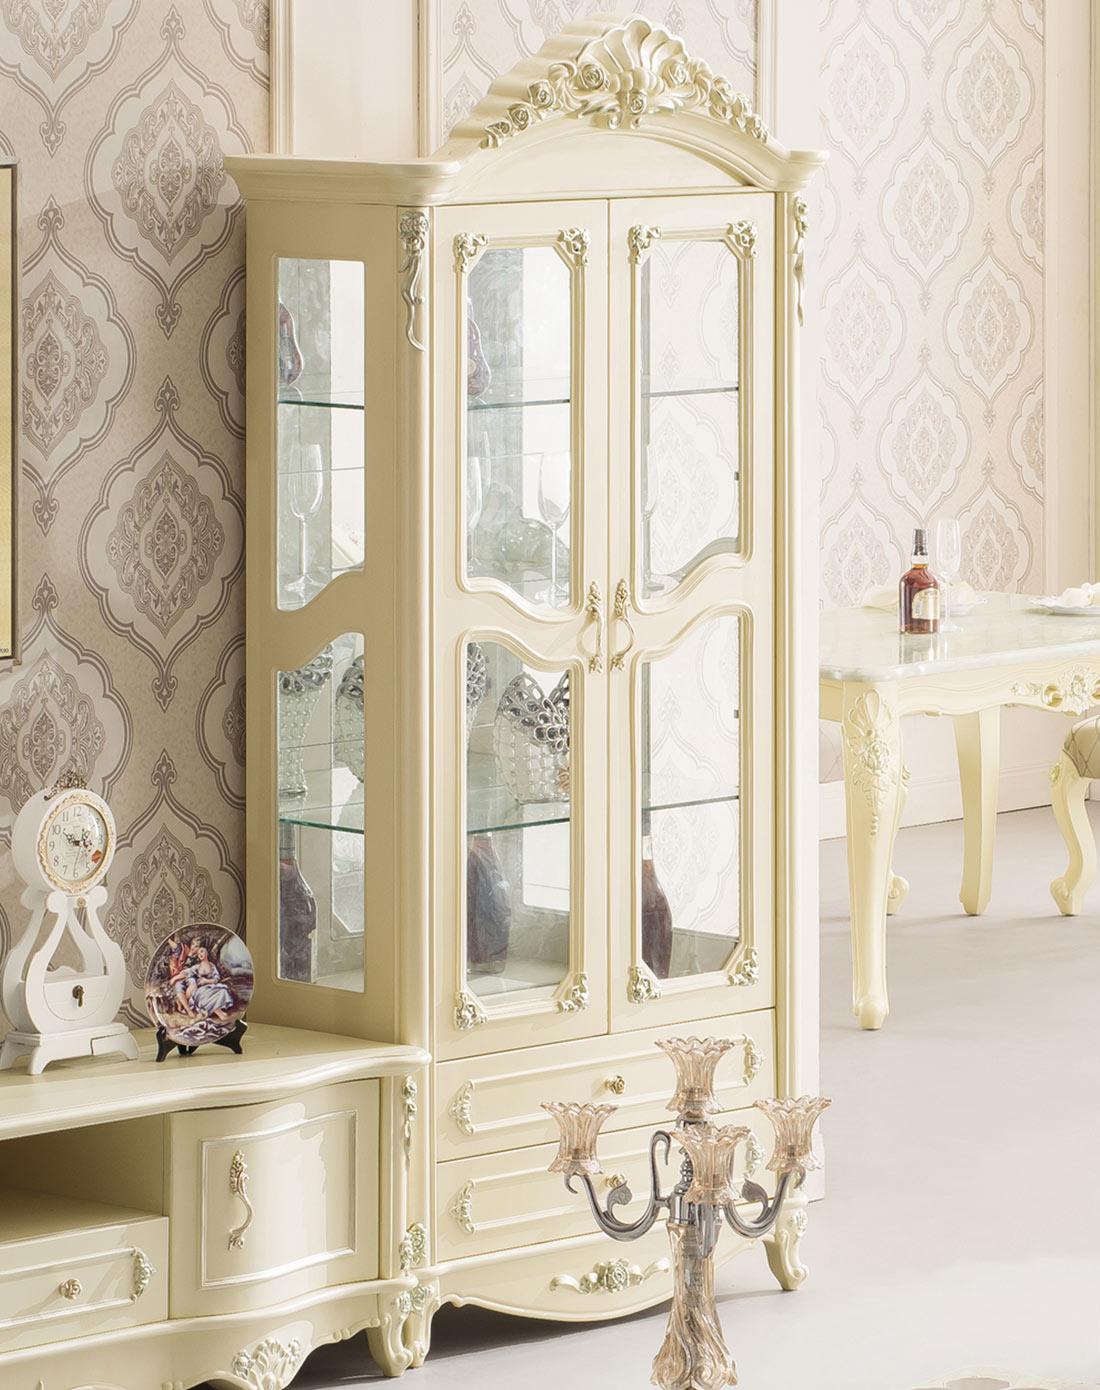 圣乔治-赫菲系列 法式装饰柜 欧式隔断玻璃酒柜 双门展示柜jh662